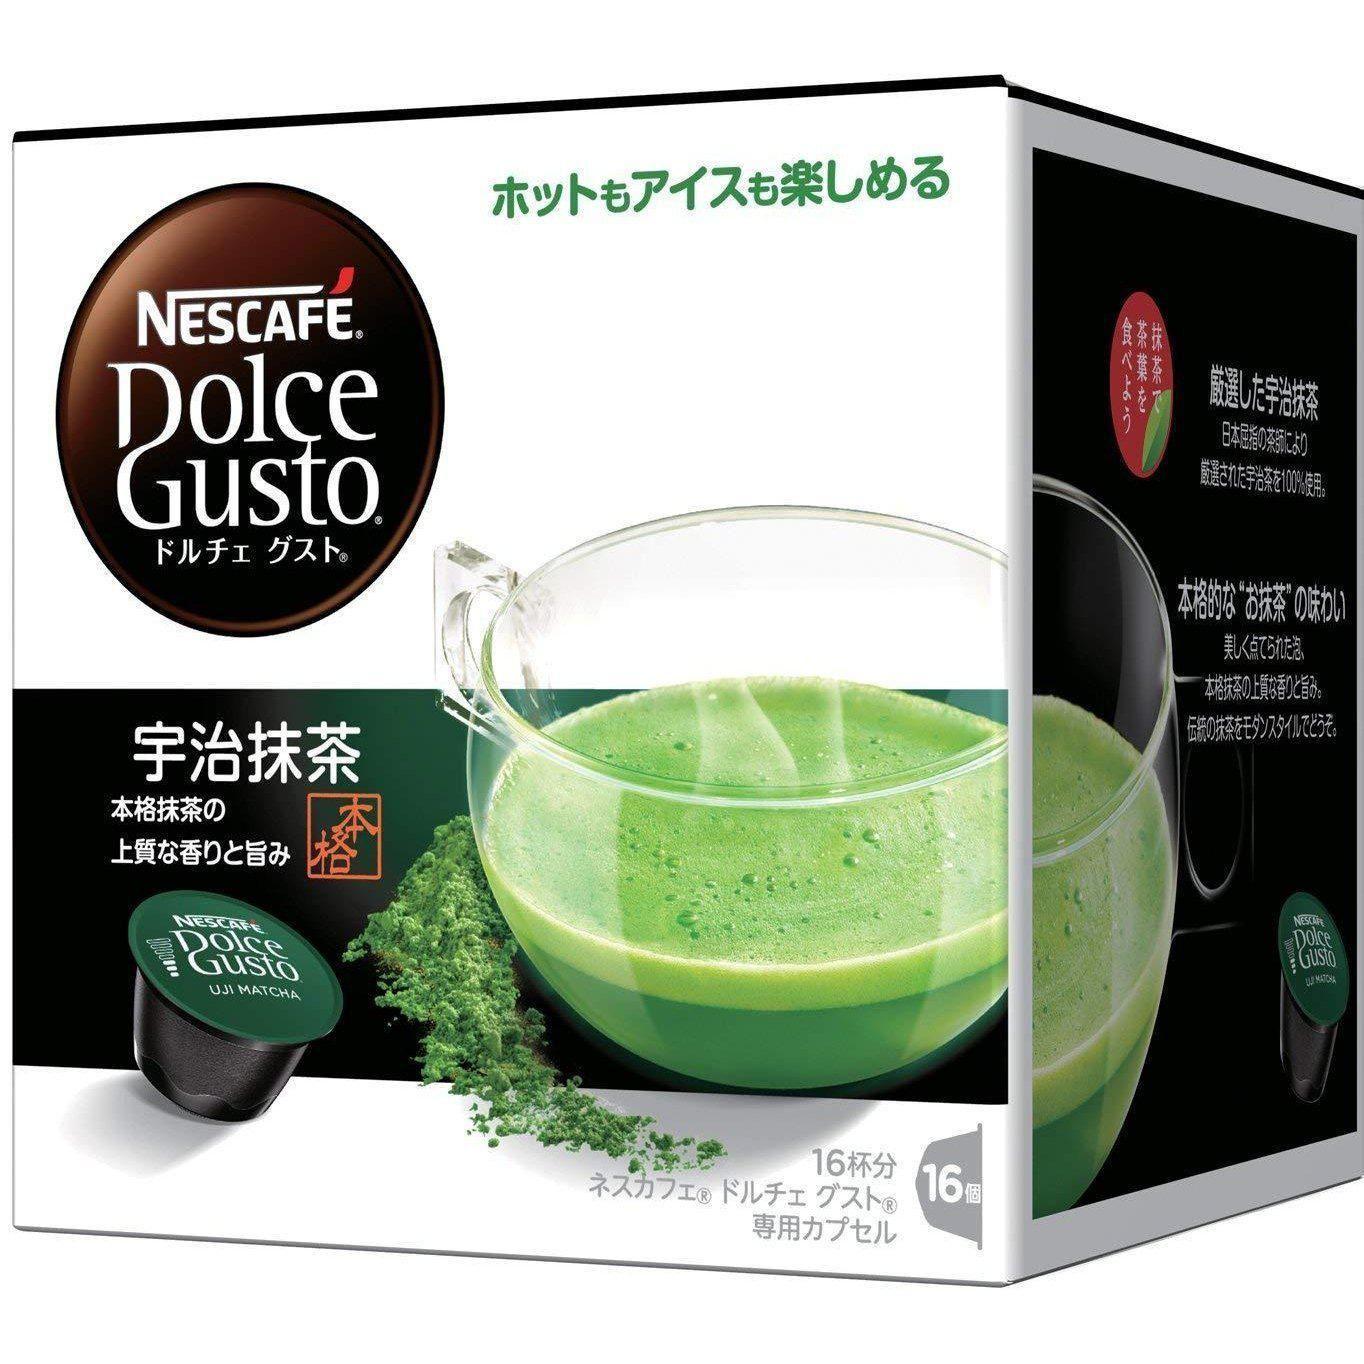 Nestlé Nescafe Dolce Gusto Capsules Uji Matcha 16 Pods